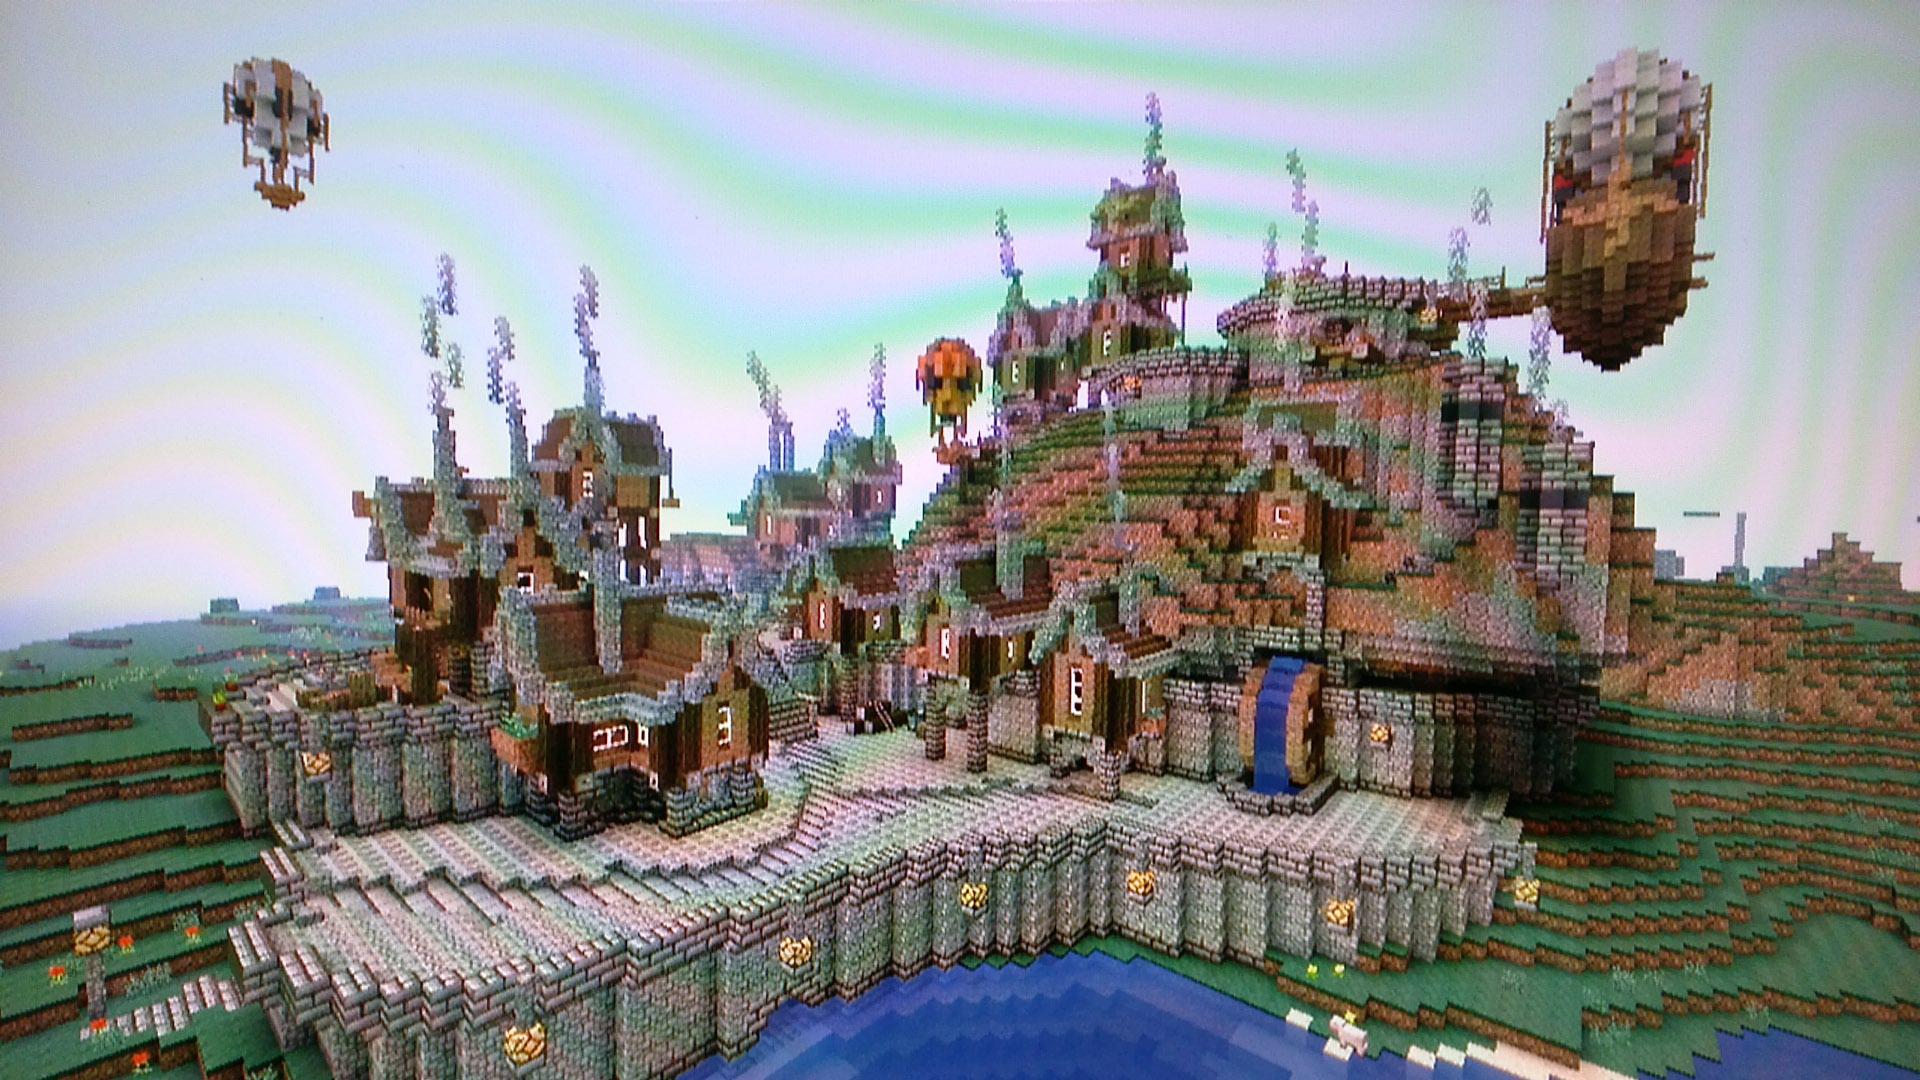 Wonderful Wallpaper Minecraft Steampunk - 635567487882960134  Trends_685216.JPG